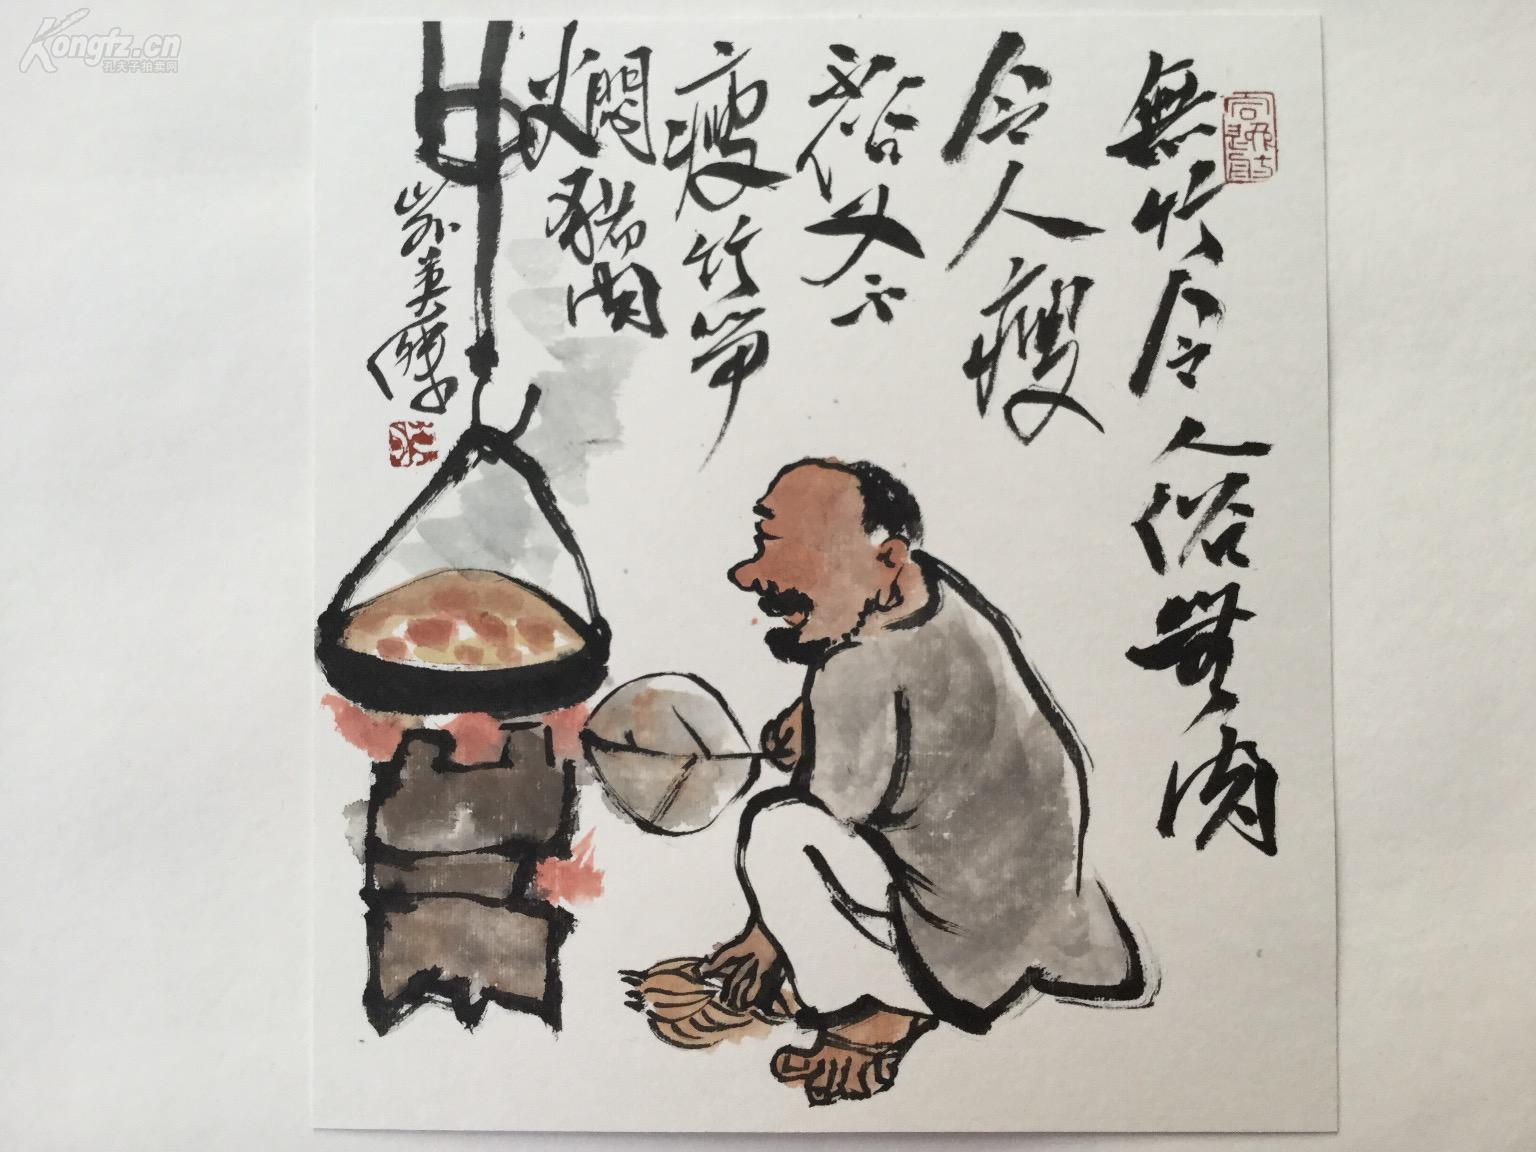 新文人水墨画--大厨 李英杰作品书画真迹图片